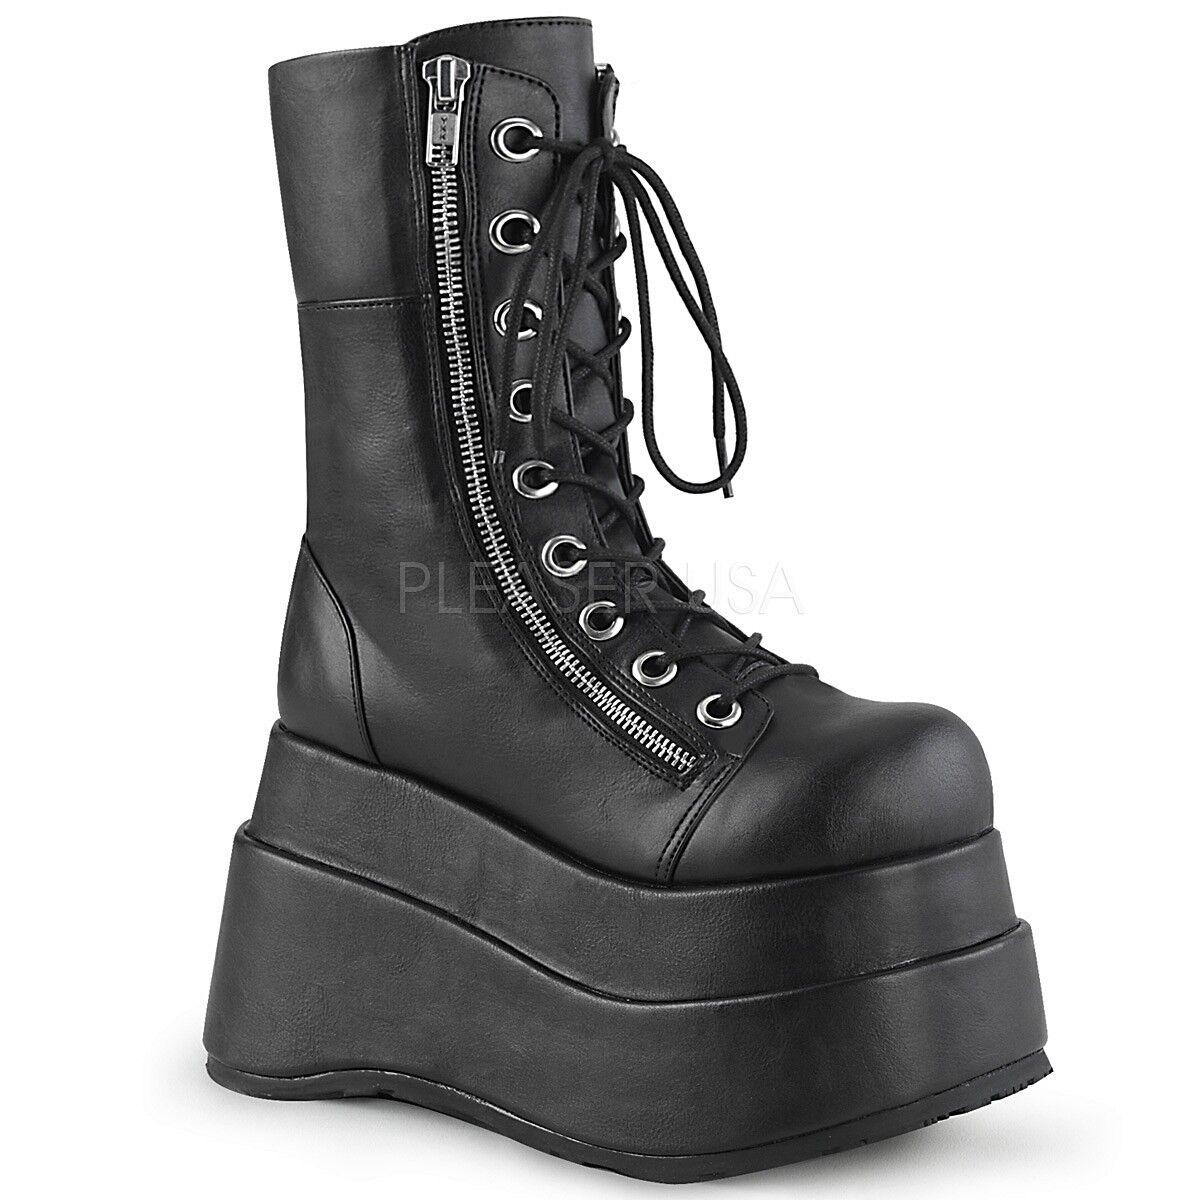 Demonia 4.5  Negro Mate De De De Plataforma botas Mitad de la pantorrilla Punk 6 7 8 9 10 11 12 d460a4